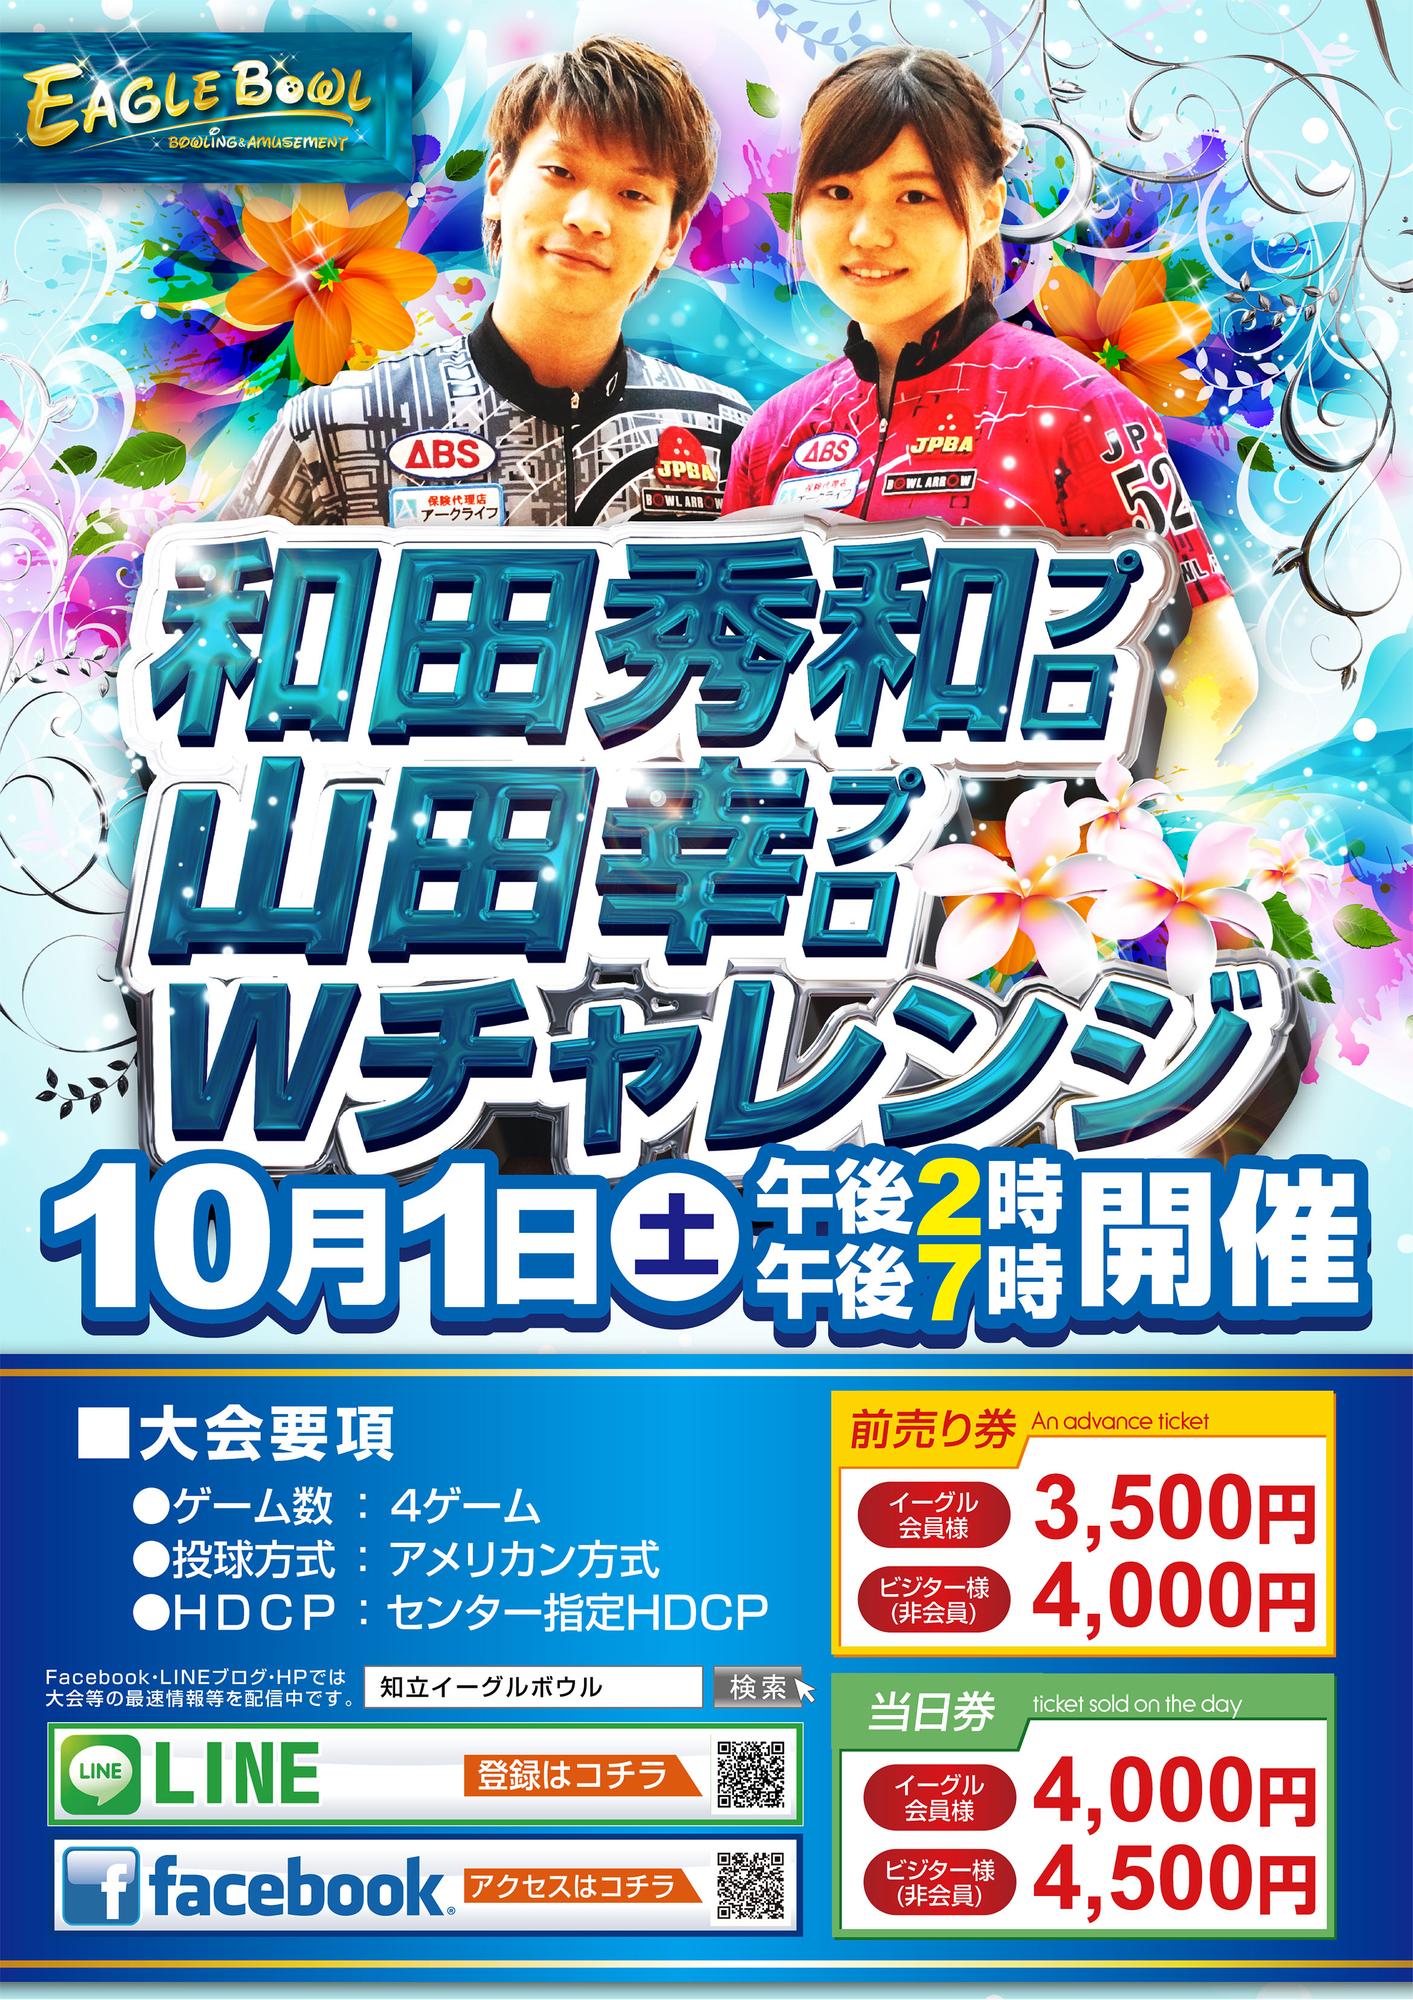 10/1 和田秀和プロ&山田幸プロチャレンジ